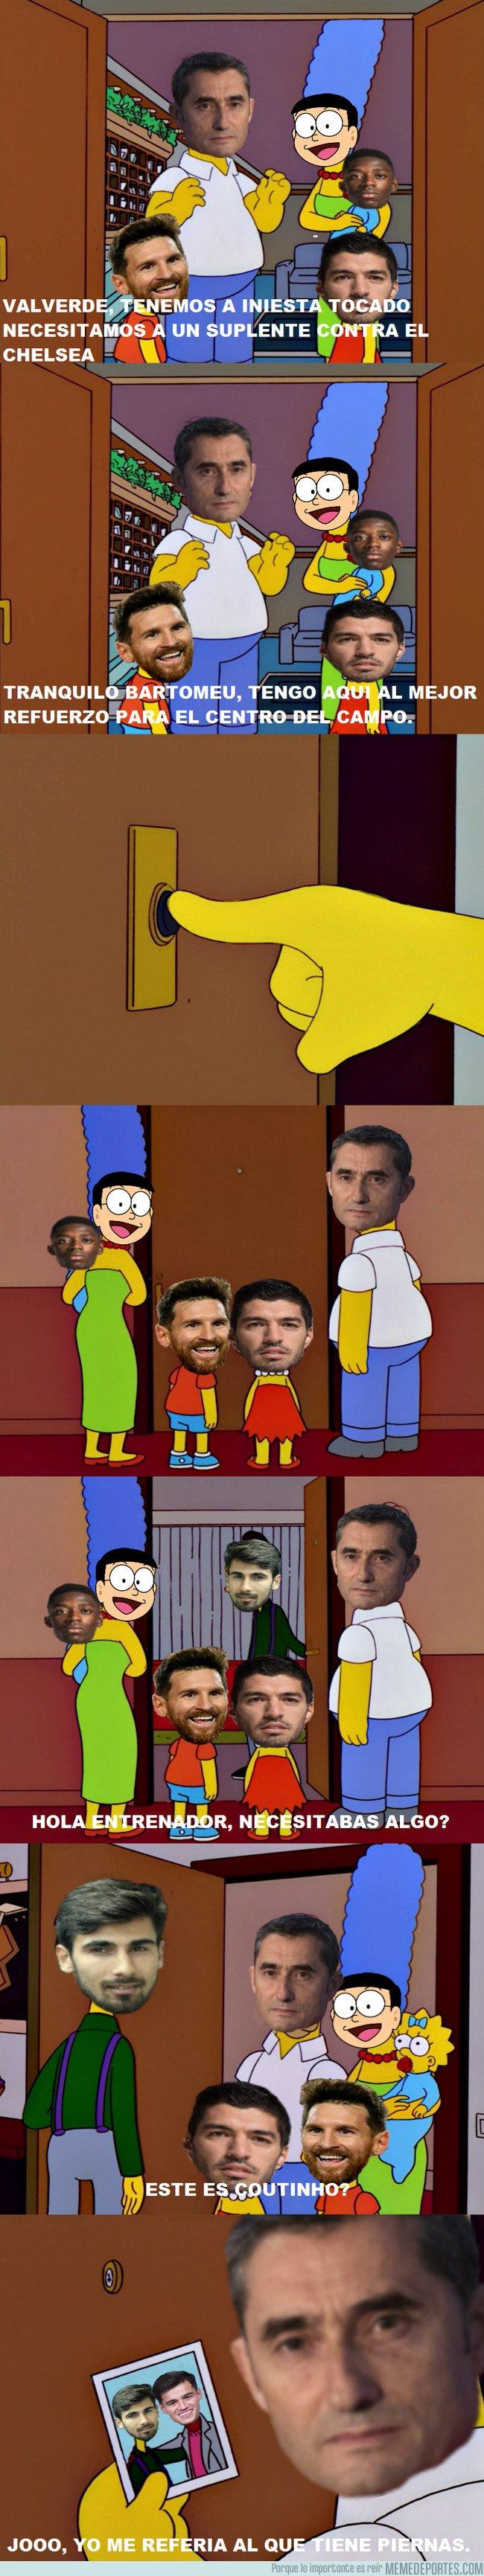 1025461 - Valverde buscando al suplente de Iniesta contra el Chelsea